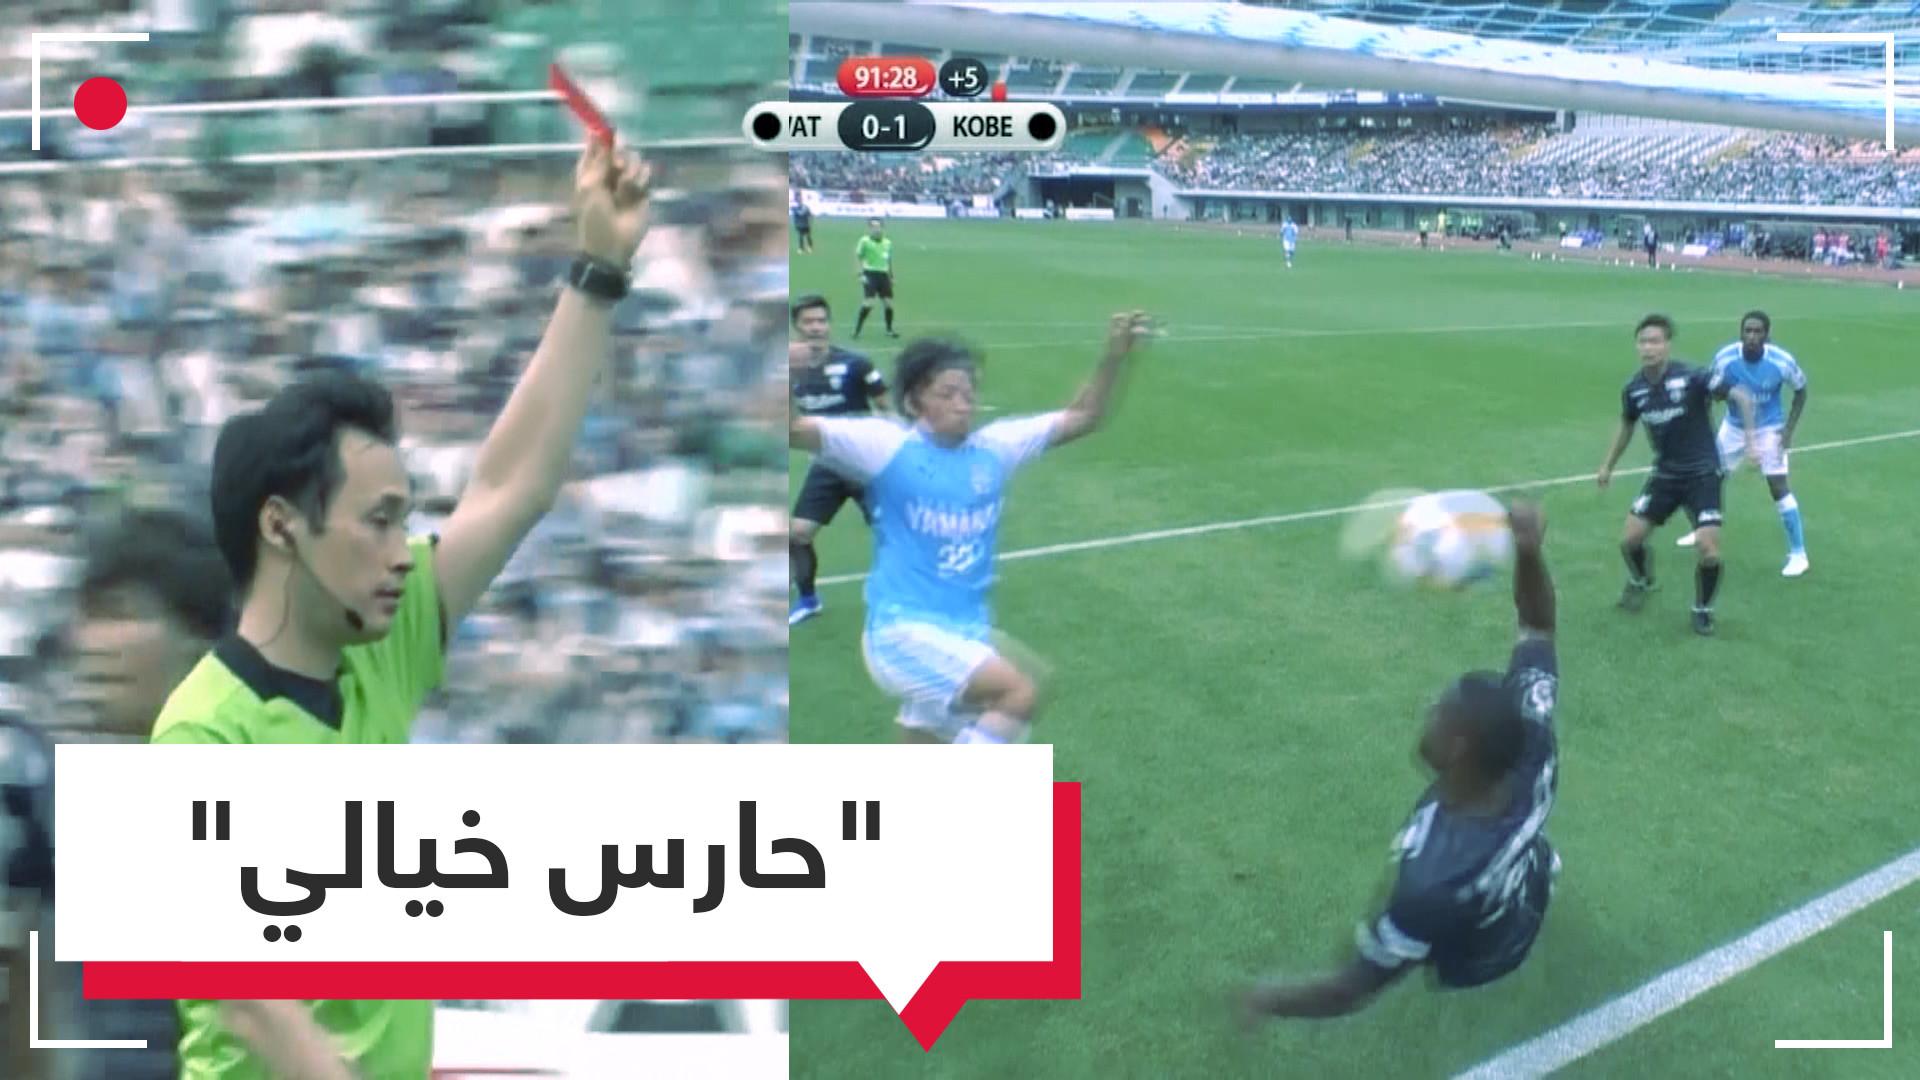 فيديو من الدوري الياباني.. لاعب يتصدى للكرة على طريقة الحراس الكبار